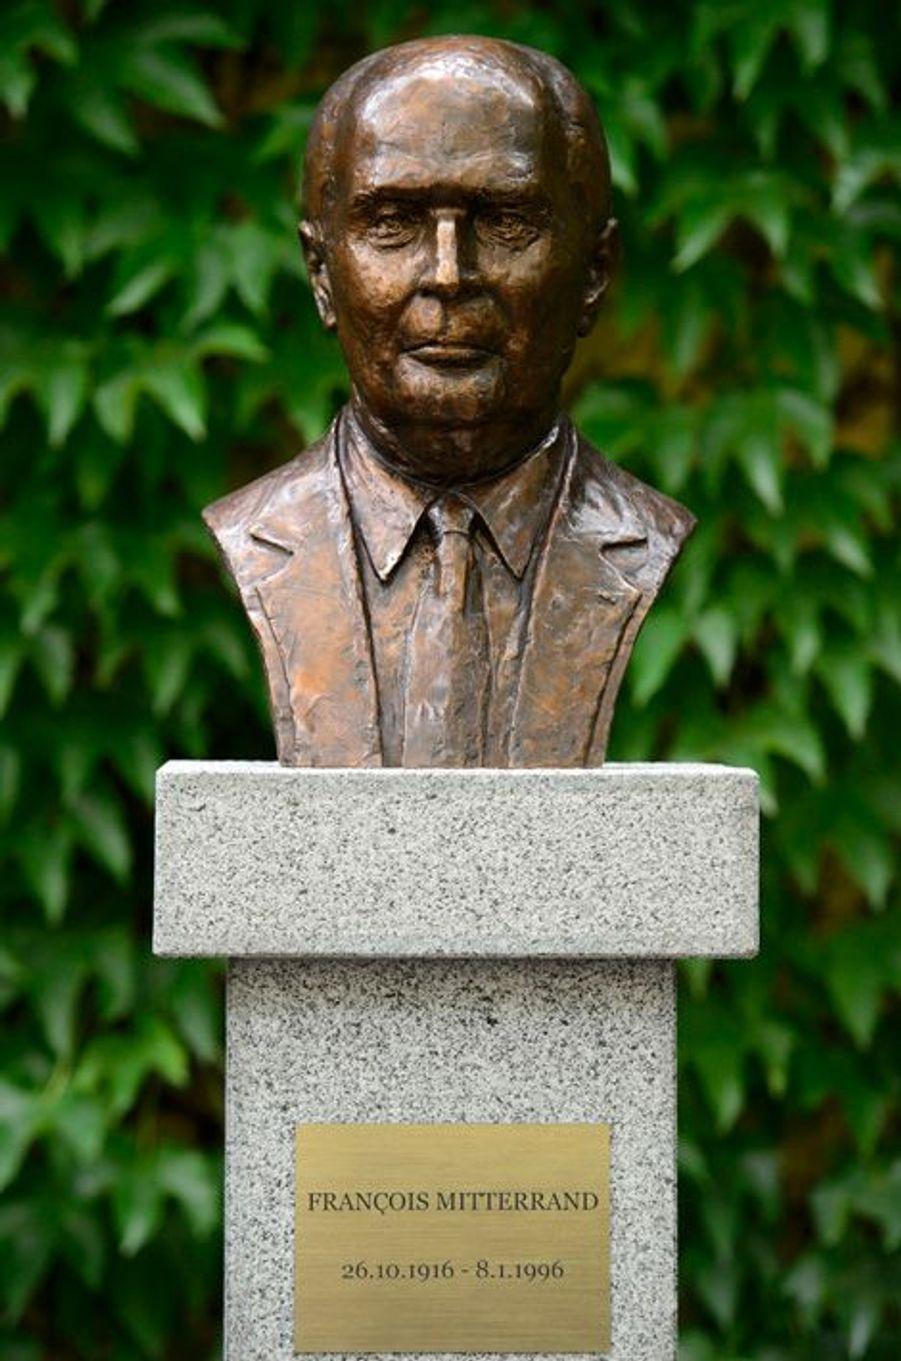 Un buste à l'effigie de François Mitterrand